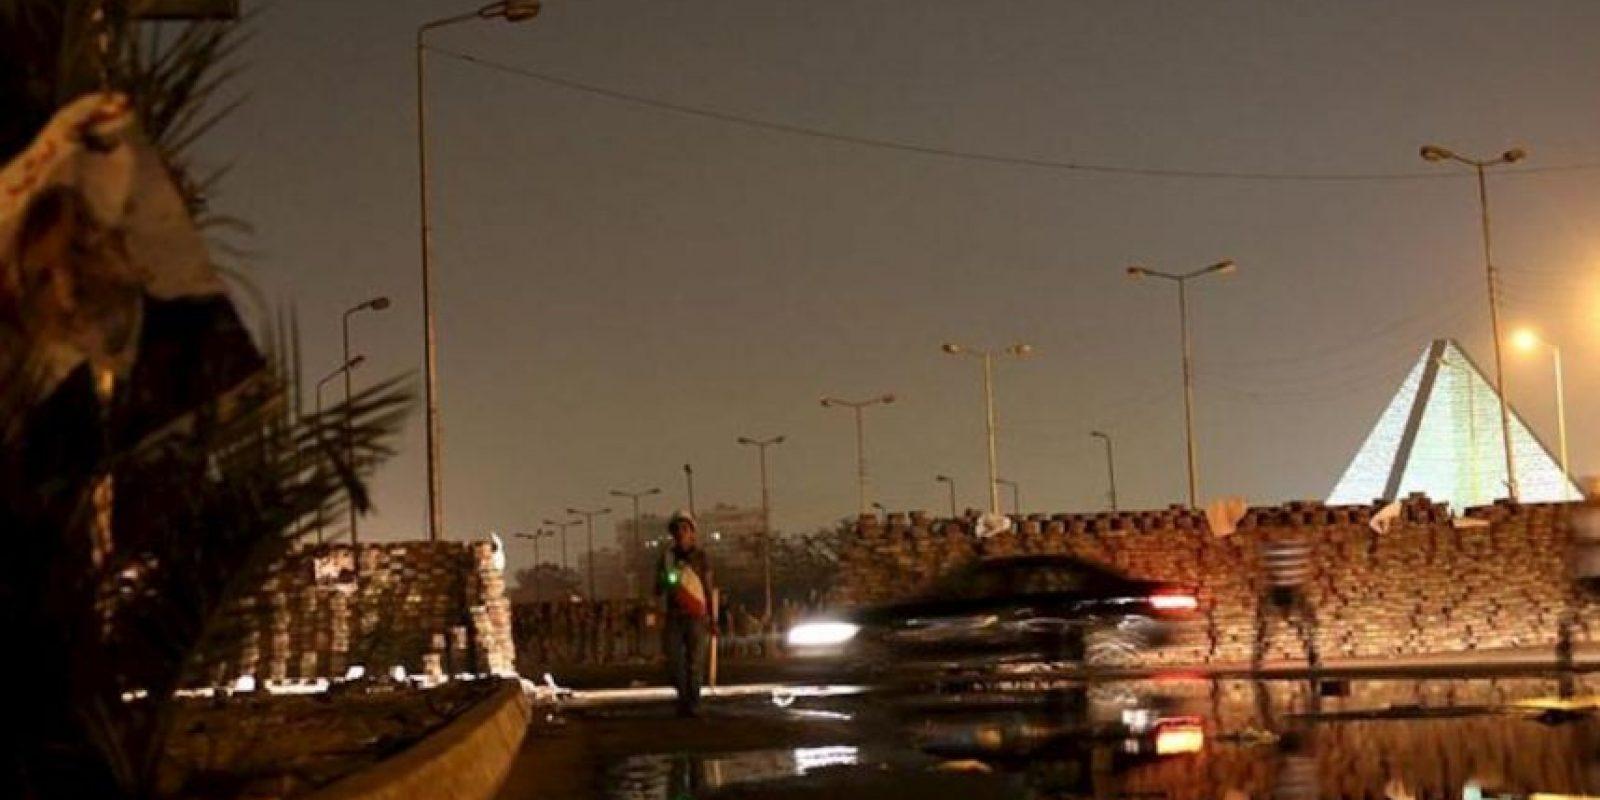 Un carro cruza cerca a las barricadas instaladas hoy, miércoles 31 de julio de 2013, durante protestas en las calles de Nasr en El Cairo (Egipto). EFE